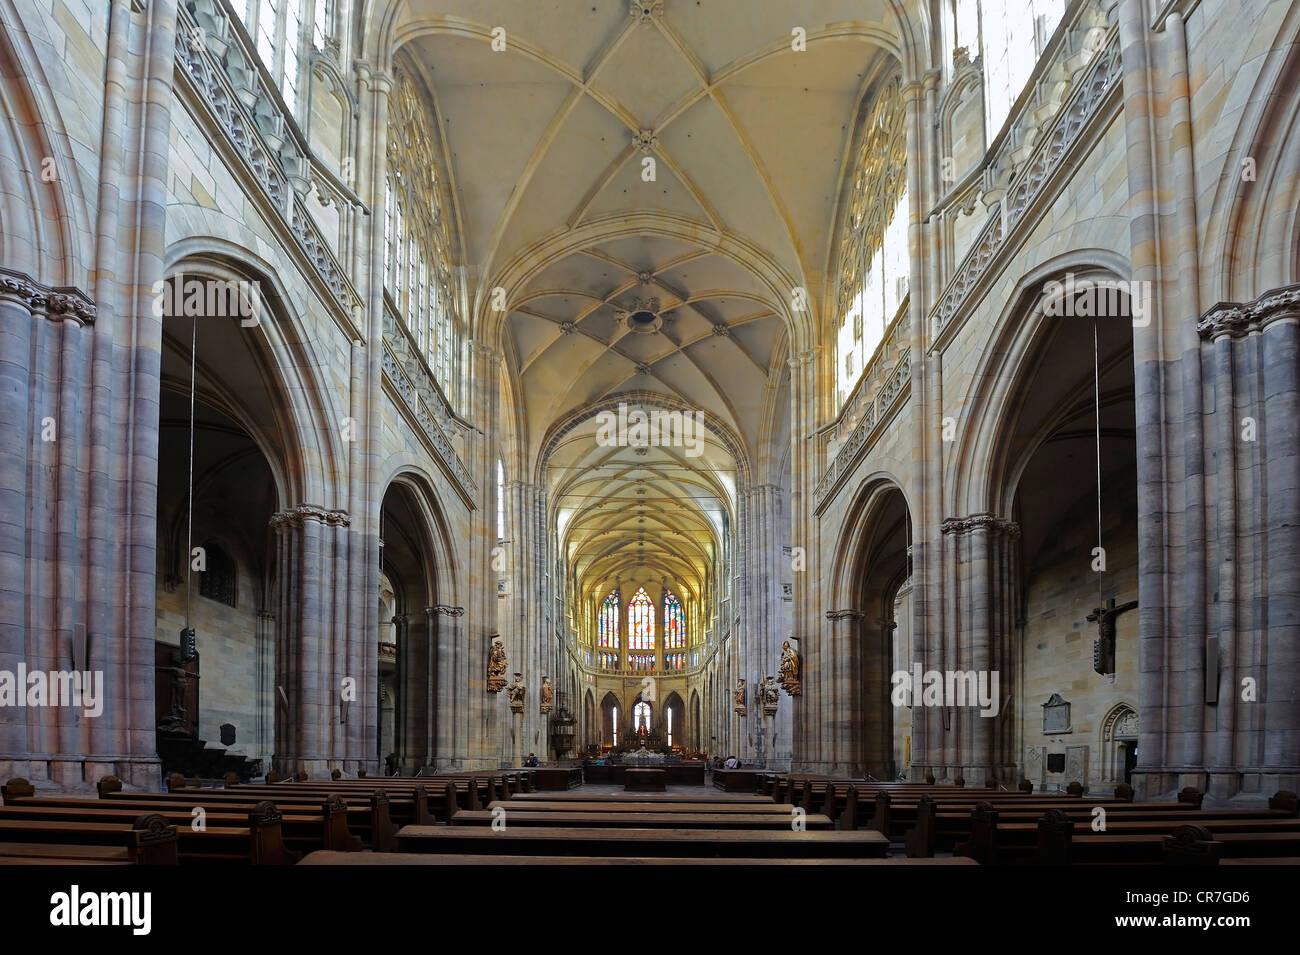 Kirchenschiff, gotische St. Vitus Cathedral, Prager Burg Hradschin Burgviertel, Prag, Böhmen, Tschechische Republik, Stockfoto